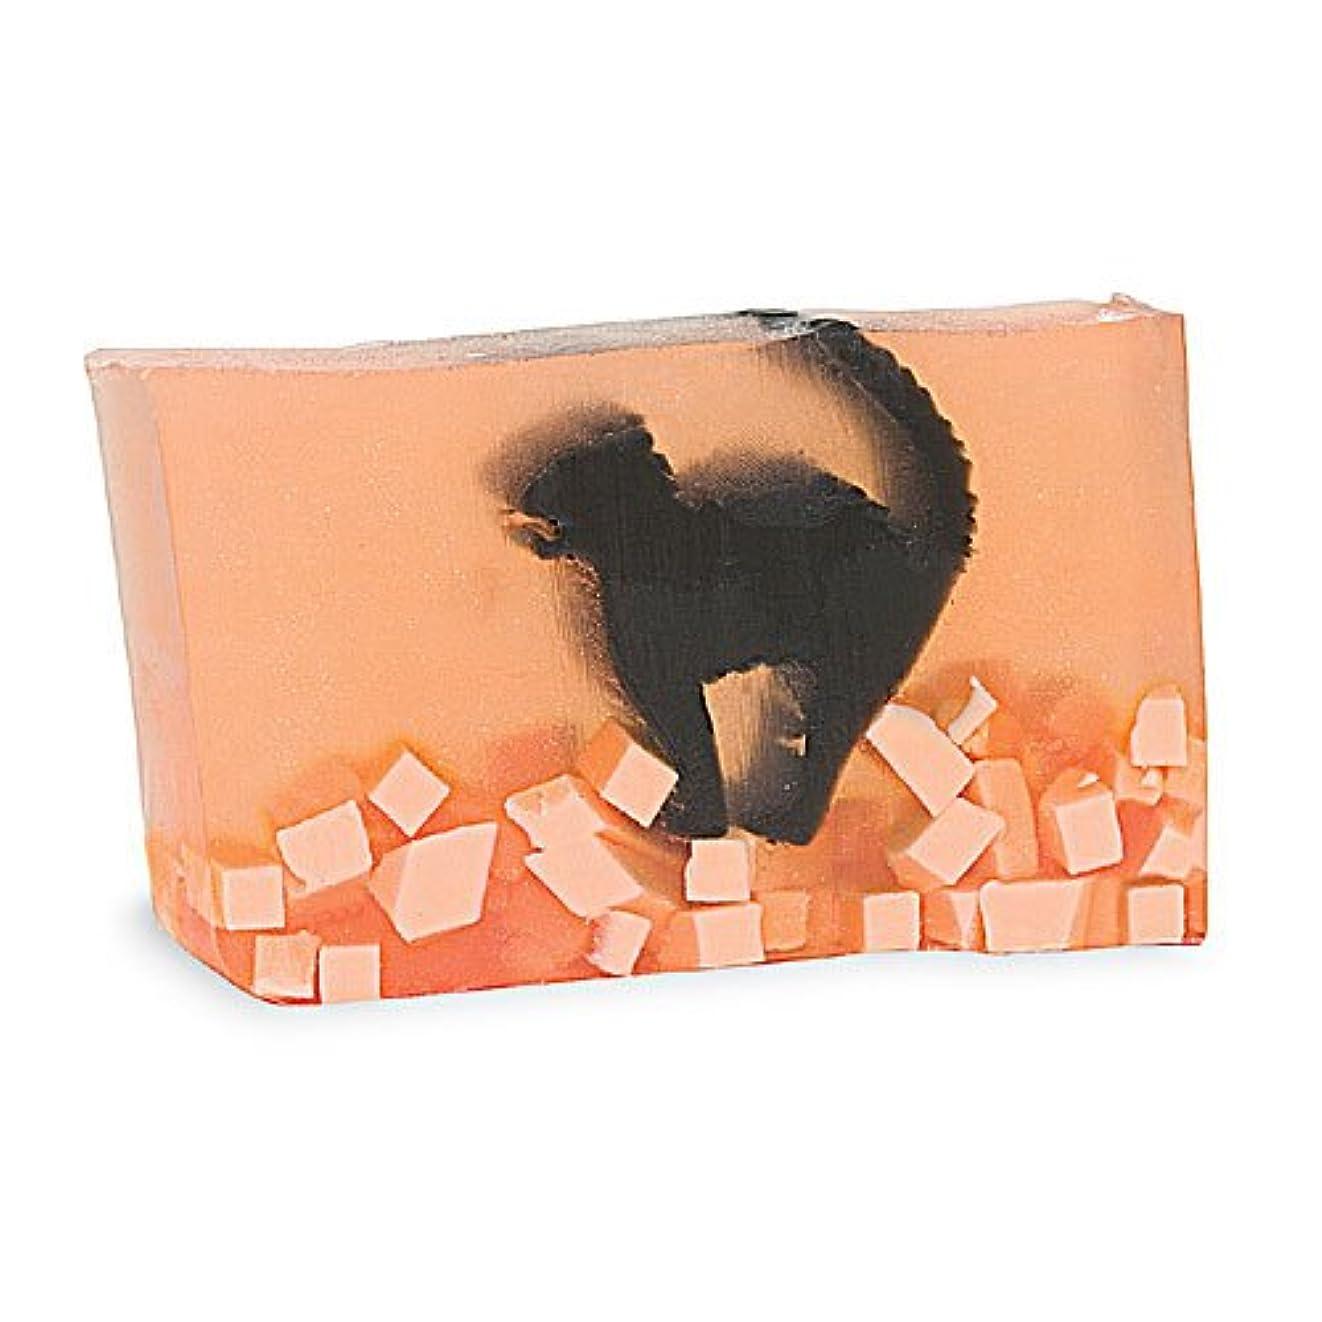 子豚プーノ変換するプライモールエレメンツ アロマティック ソープ スケアディキャット 180g ハロウィンにおすすめ植物性のナチュラル石鹸